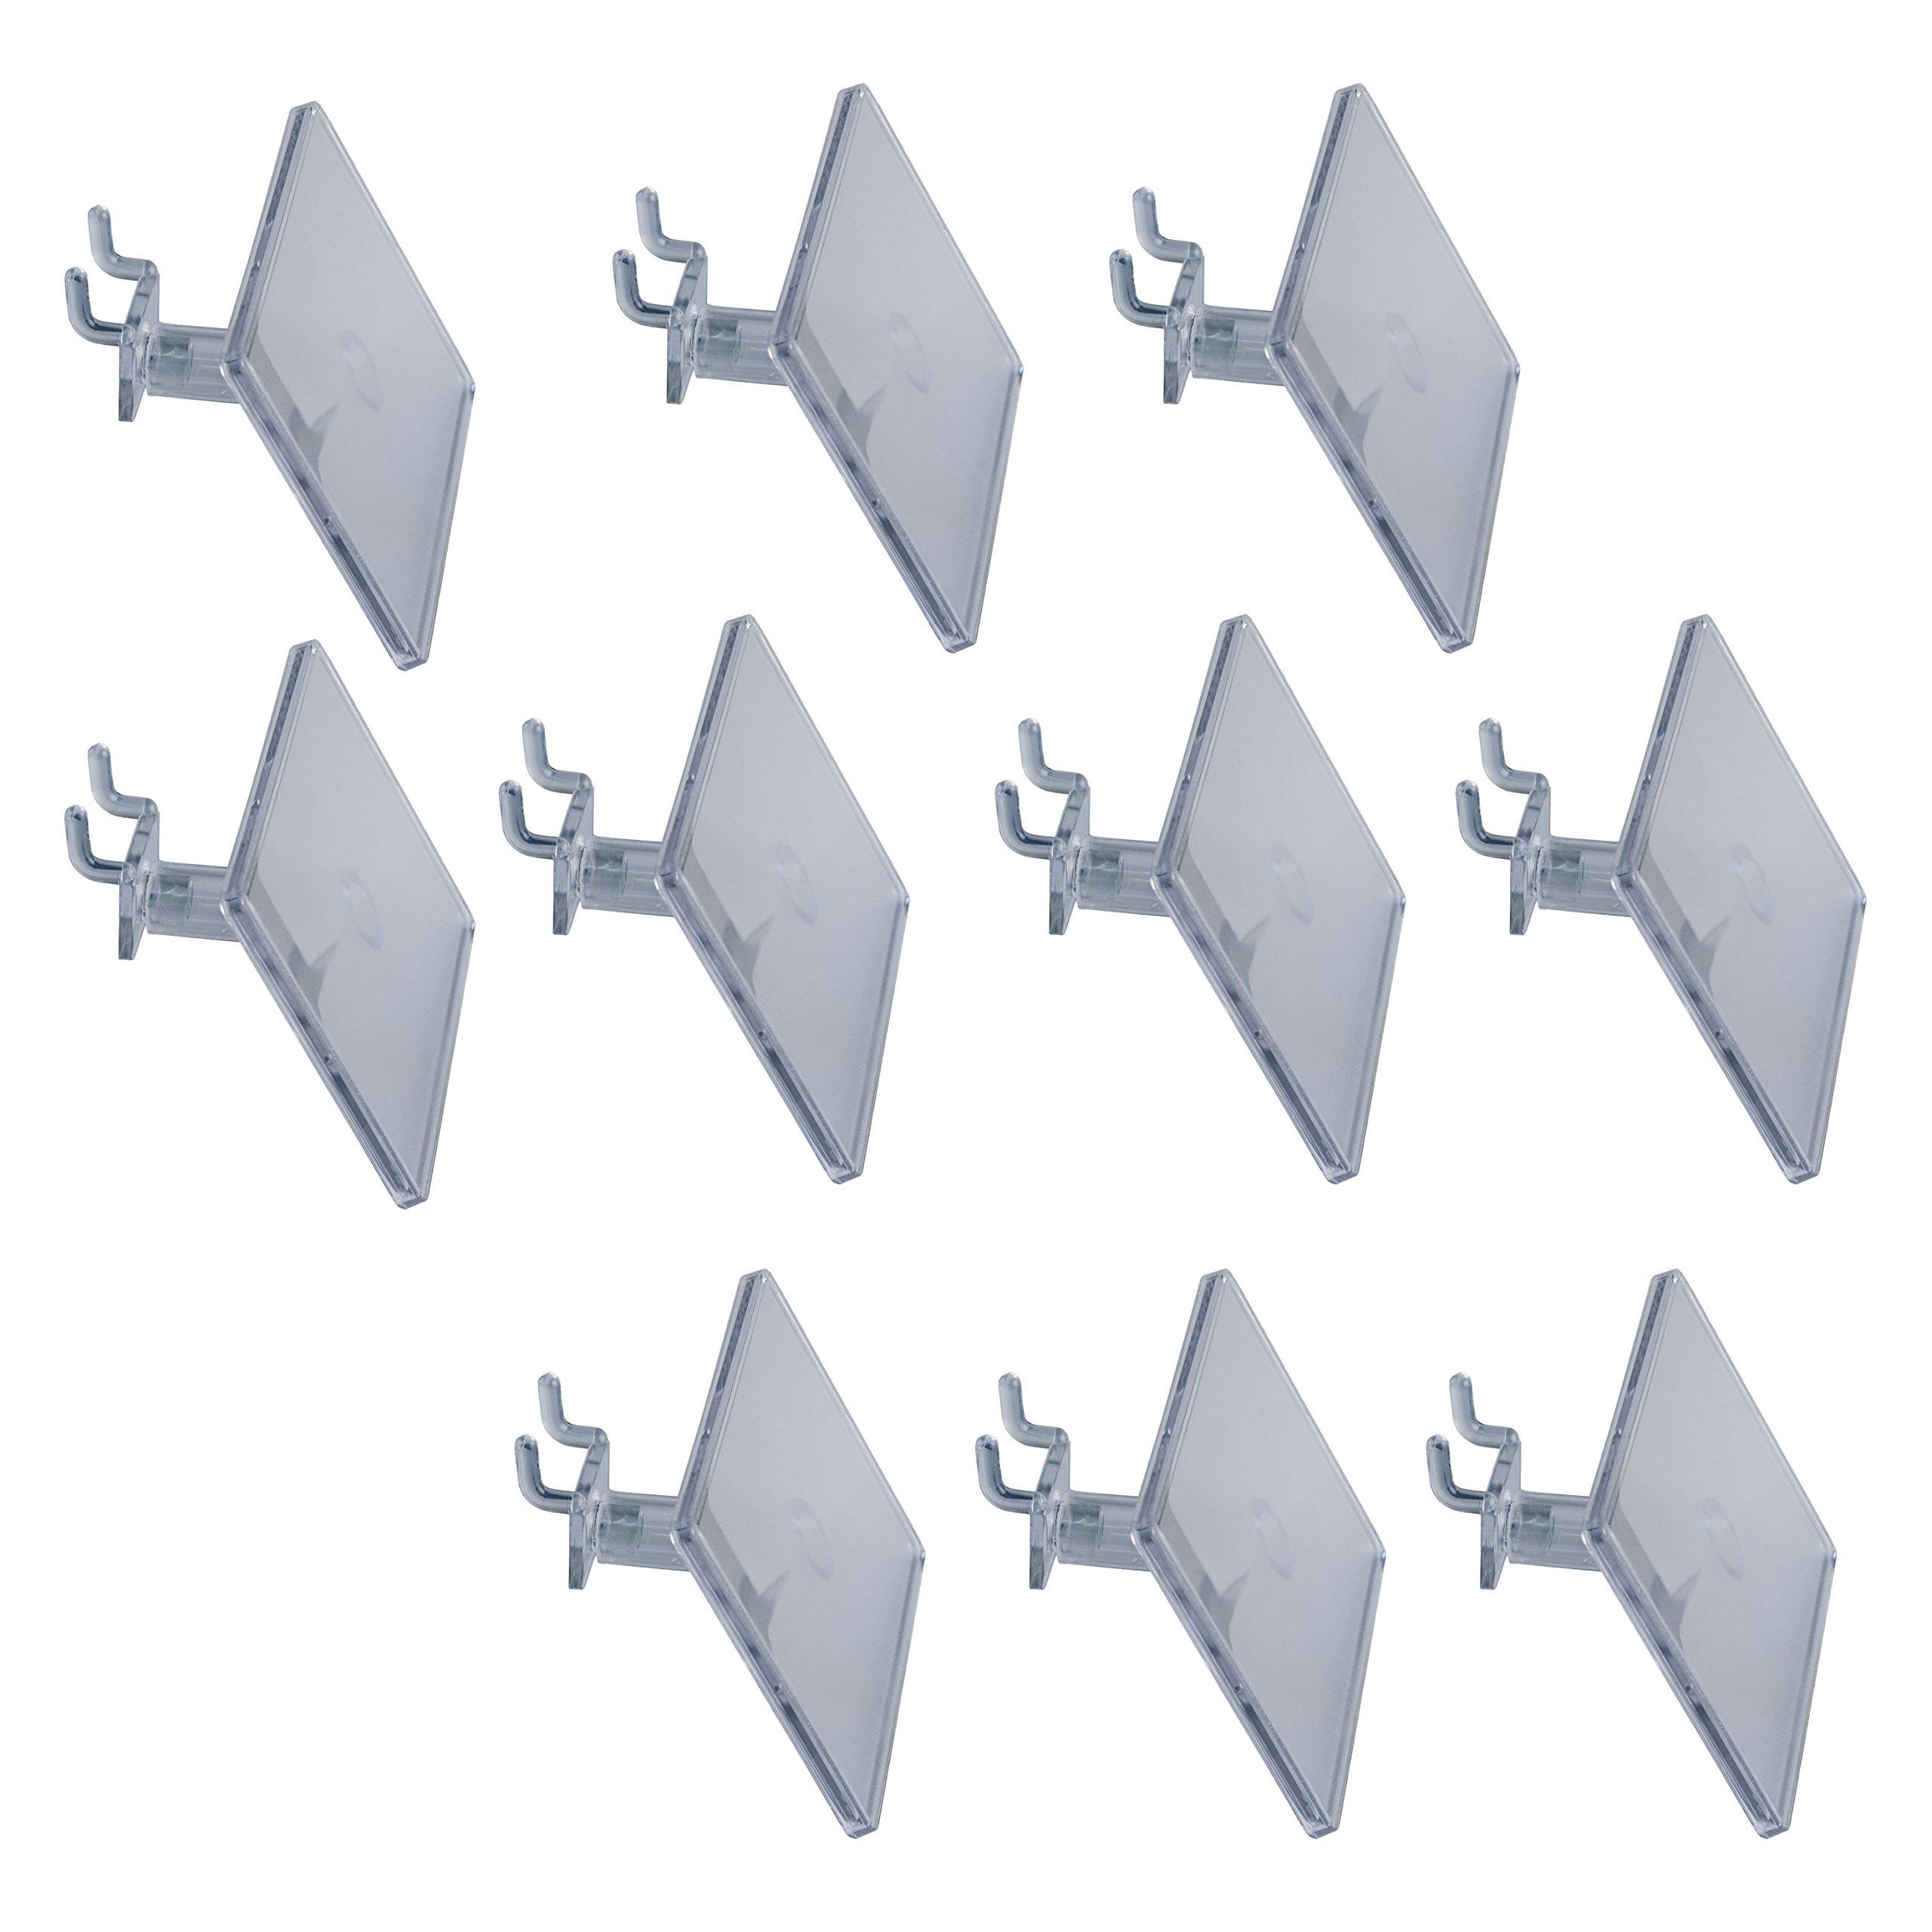 Hold Up Displays - 10 Pack Slatwall Information Holder